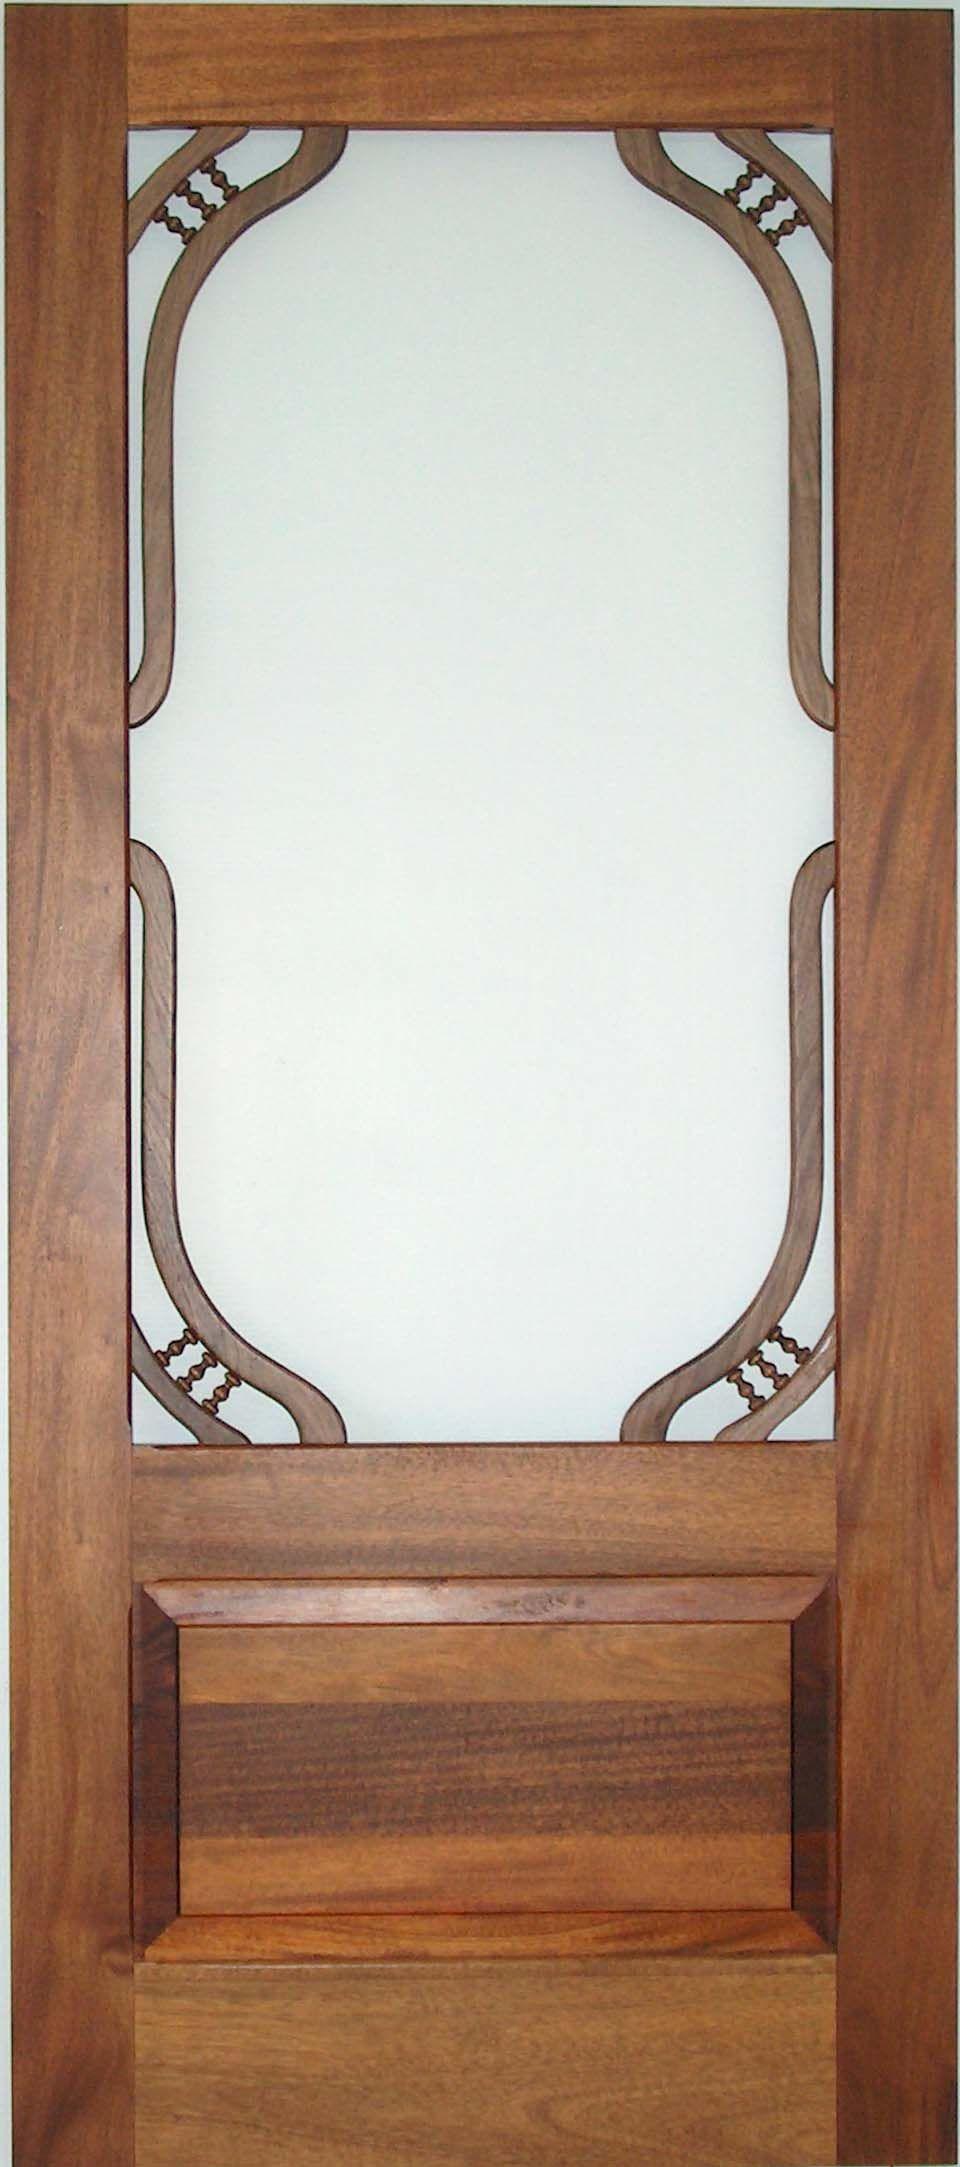 Victorian screen storm door custom hammond model www for Decorative storm doors with screens